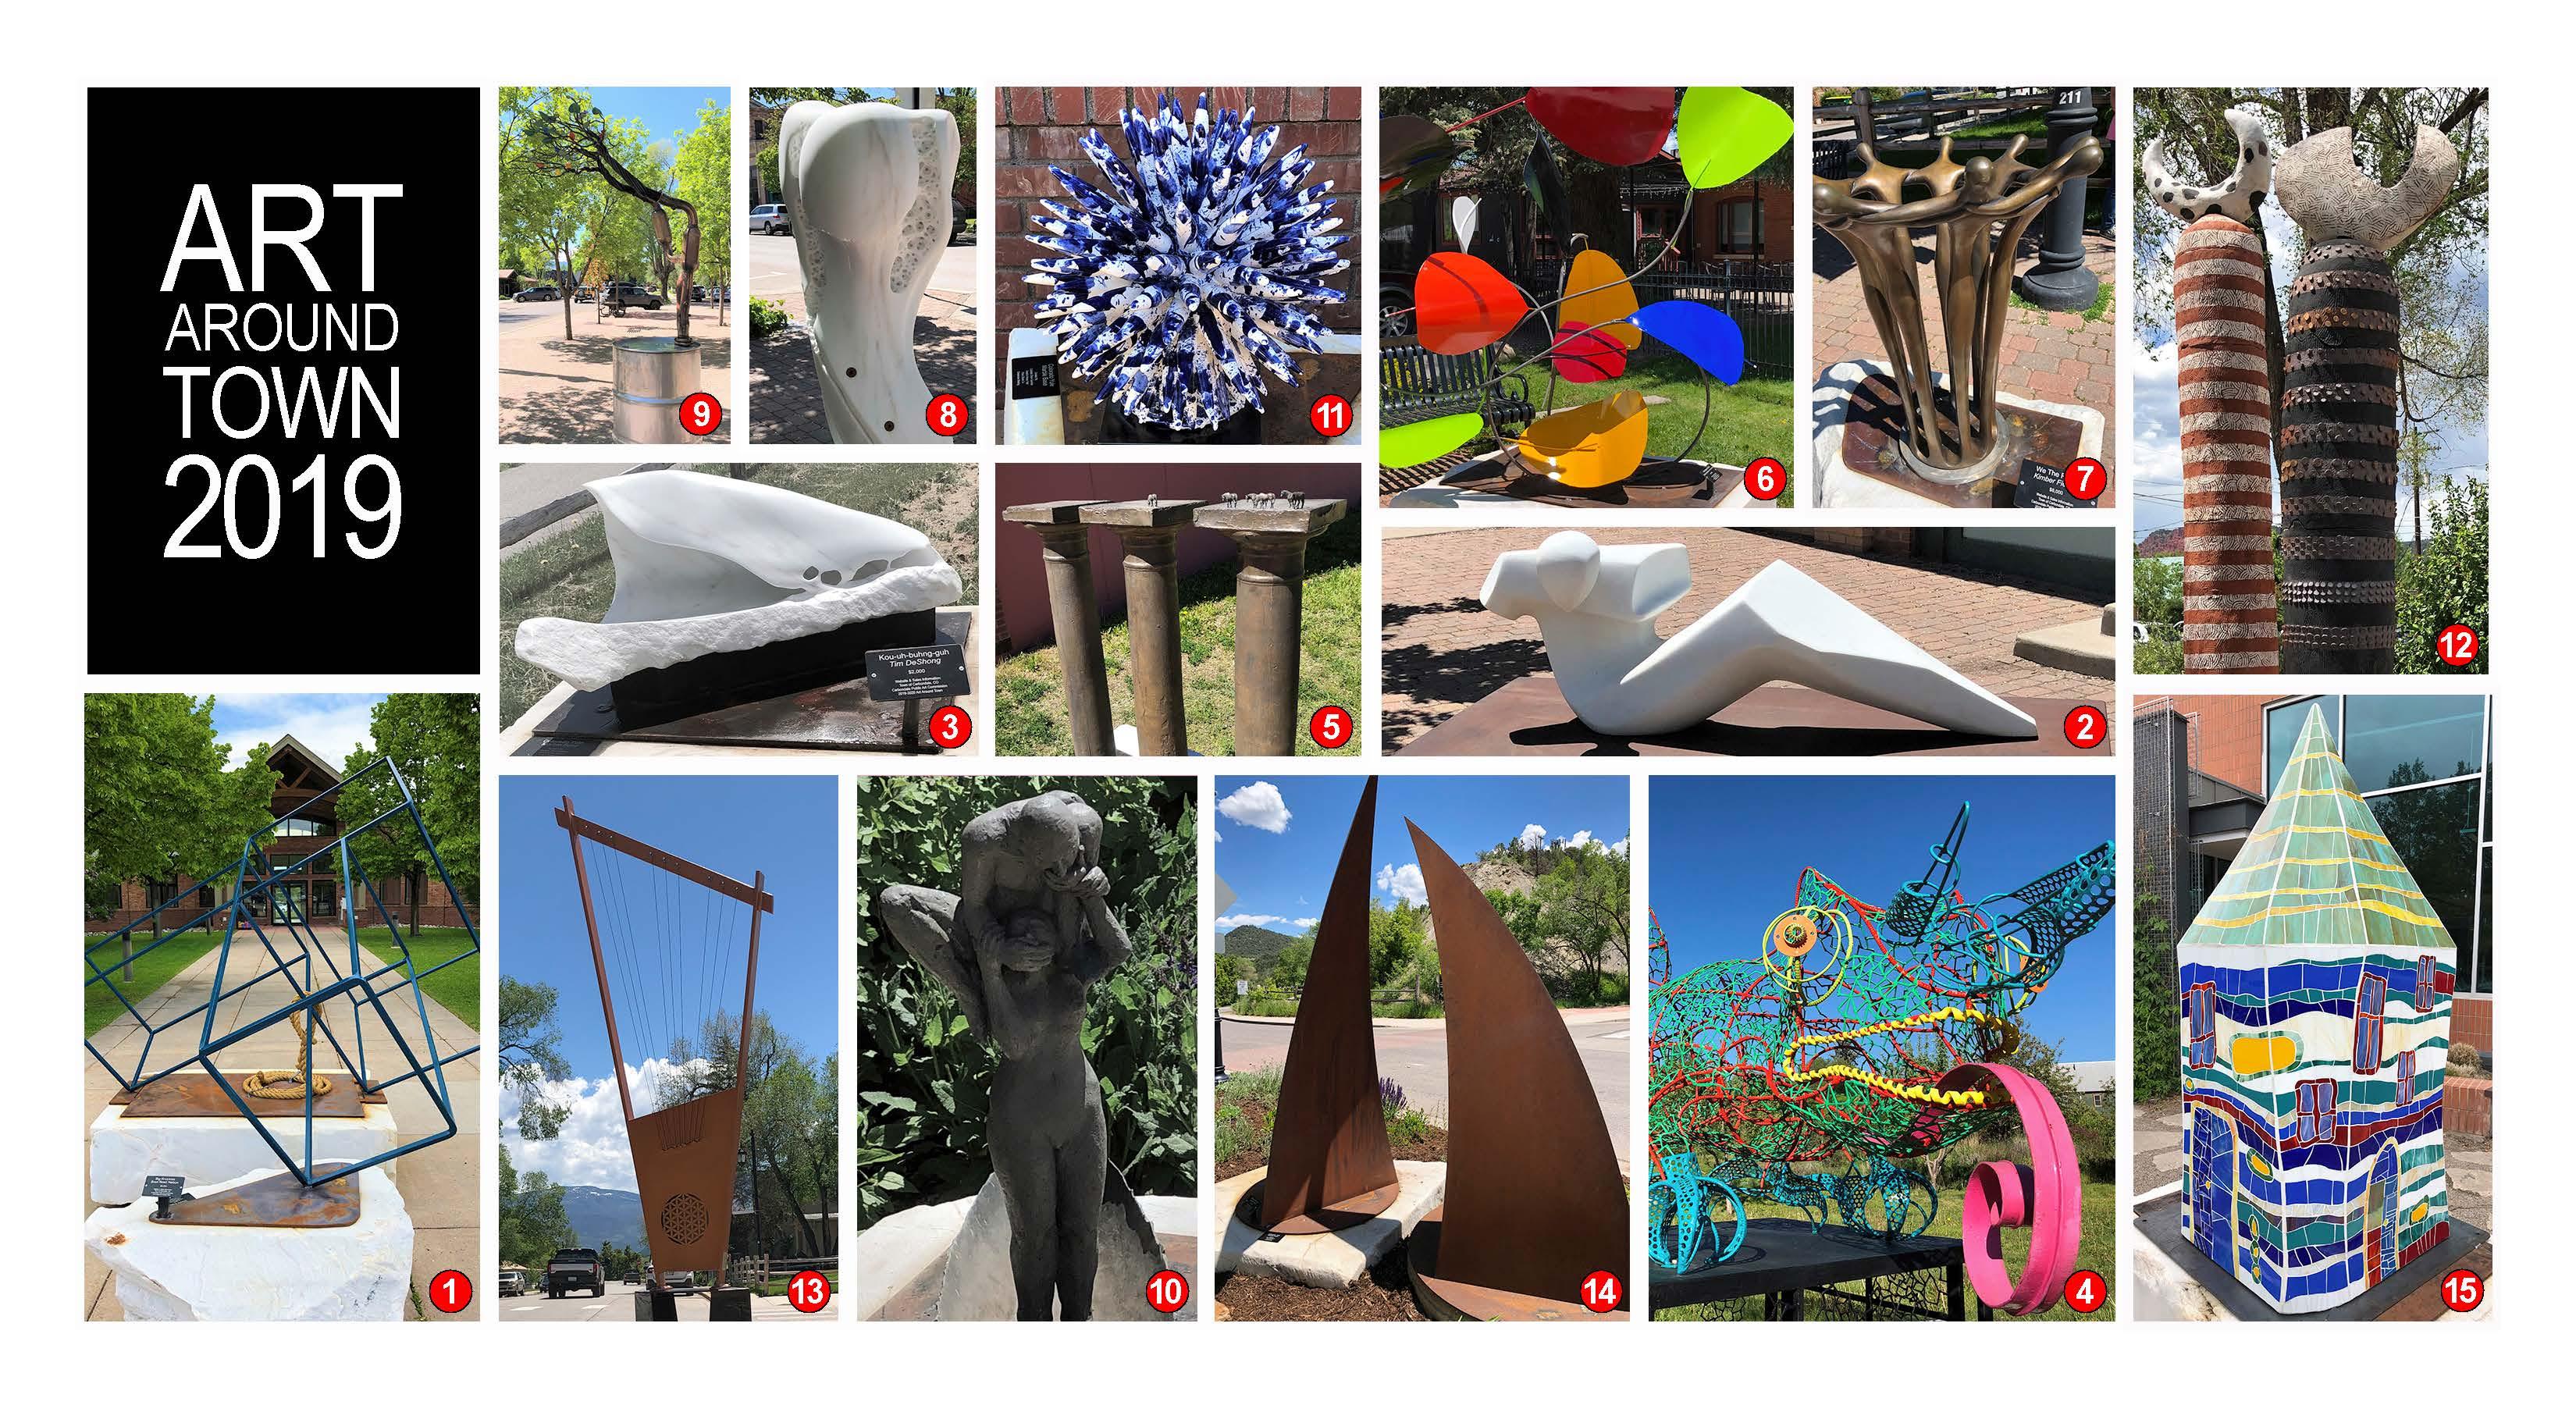 Best Art Of 2020 2019 2020 Art Around Town Best In Show Survey